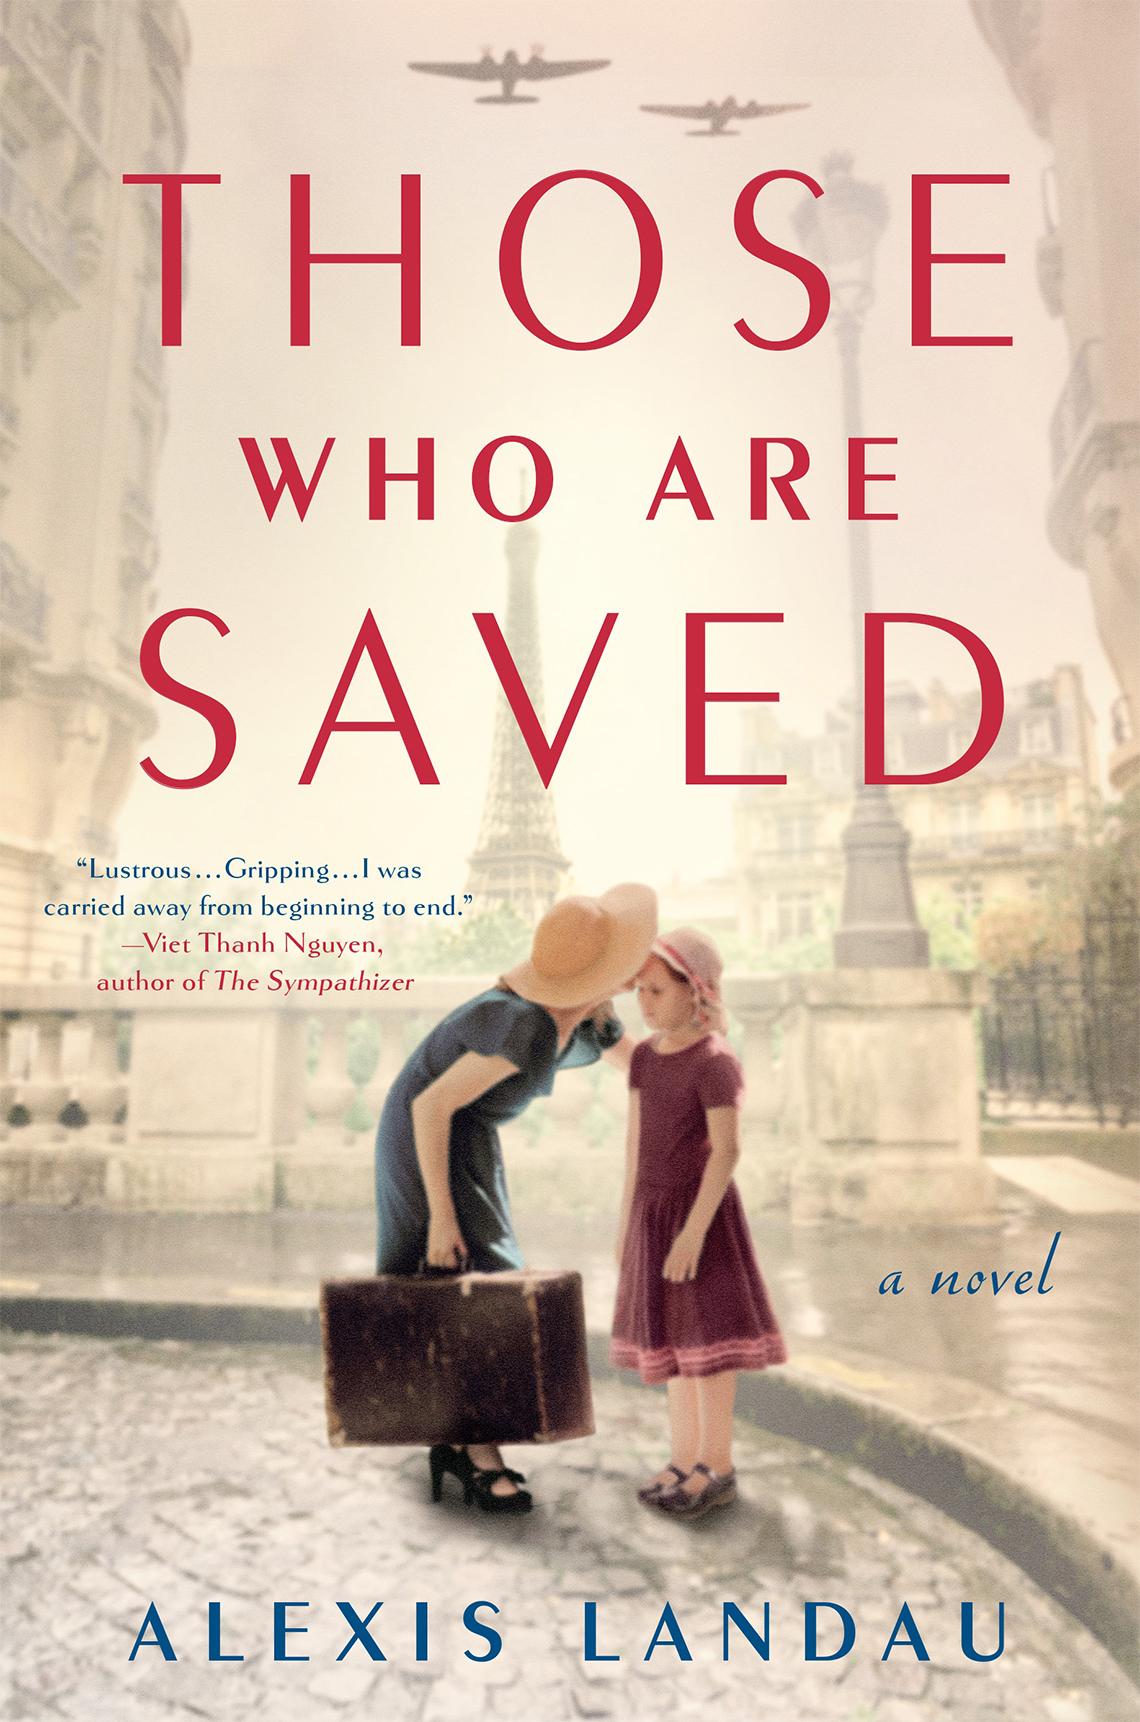 Portada del libro Those Who Are Saved de Alexis Landau.